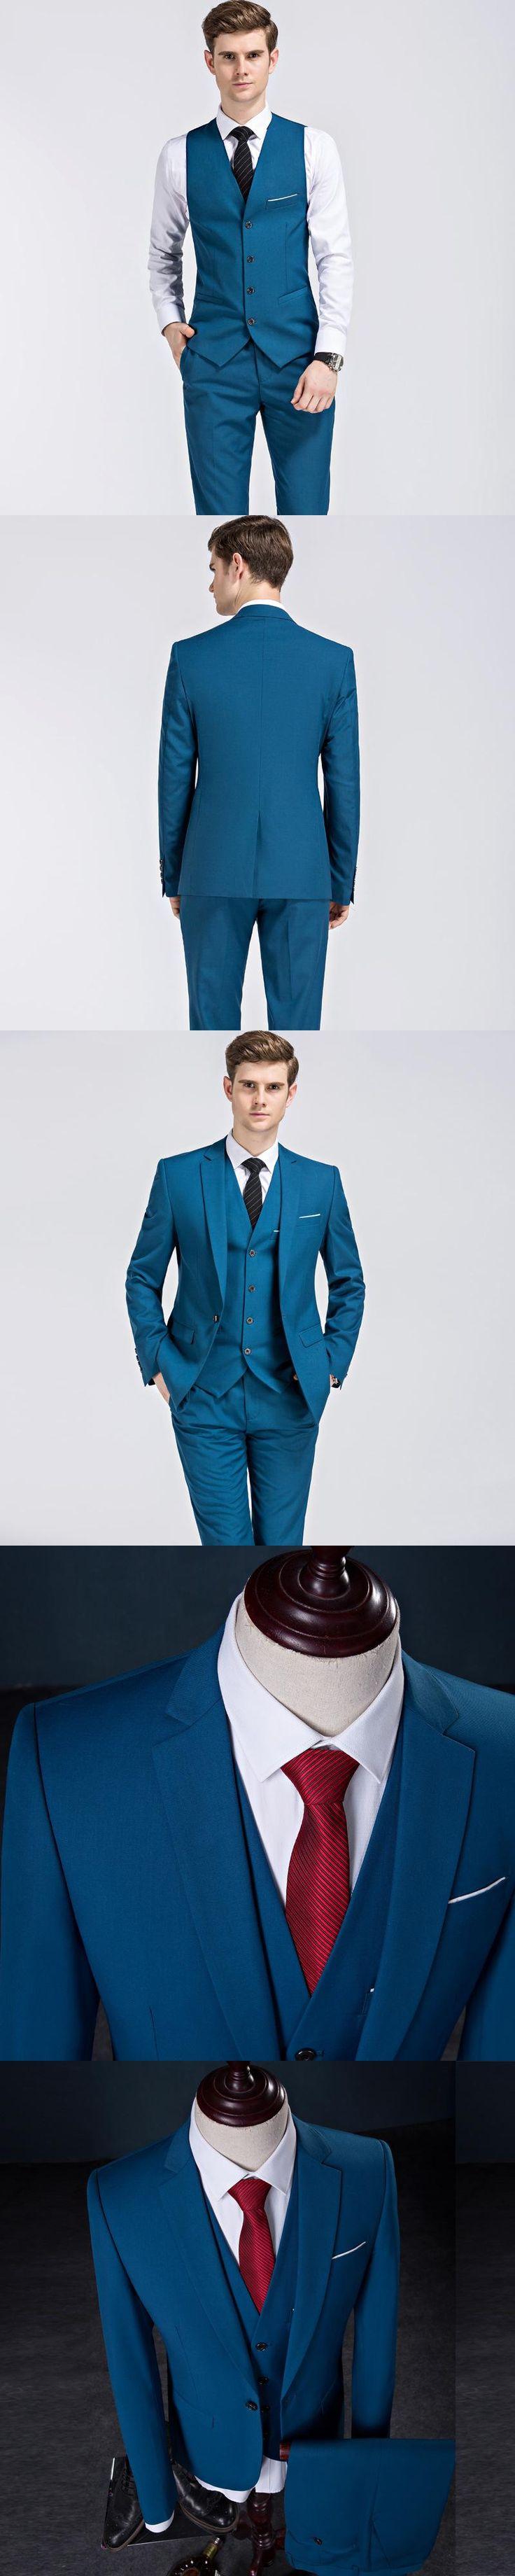 2017 Top Brand Mens Suits Wedding Groom 3 Pieces(Jacket+Vest+Pant) Slim Fit Tuxedo Suit Formal Dress Suit Set Plus Size 5XL